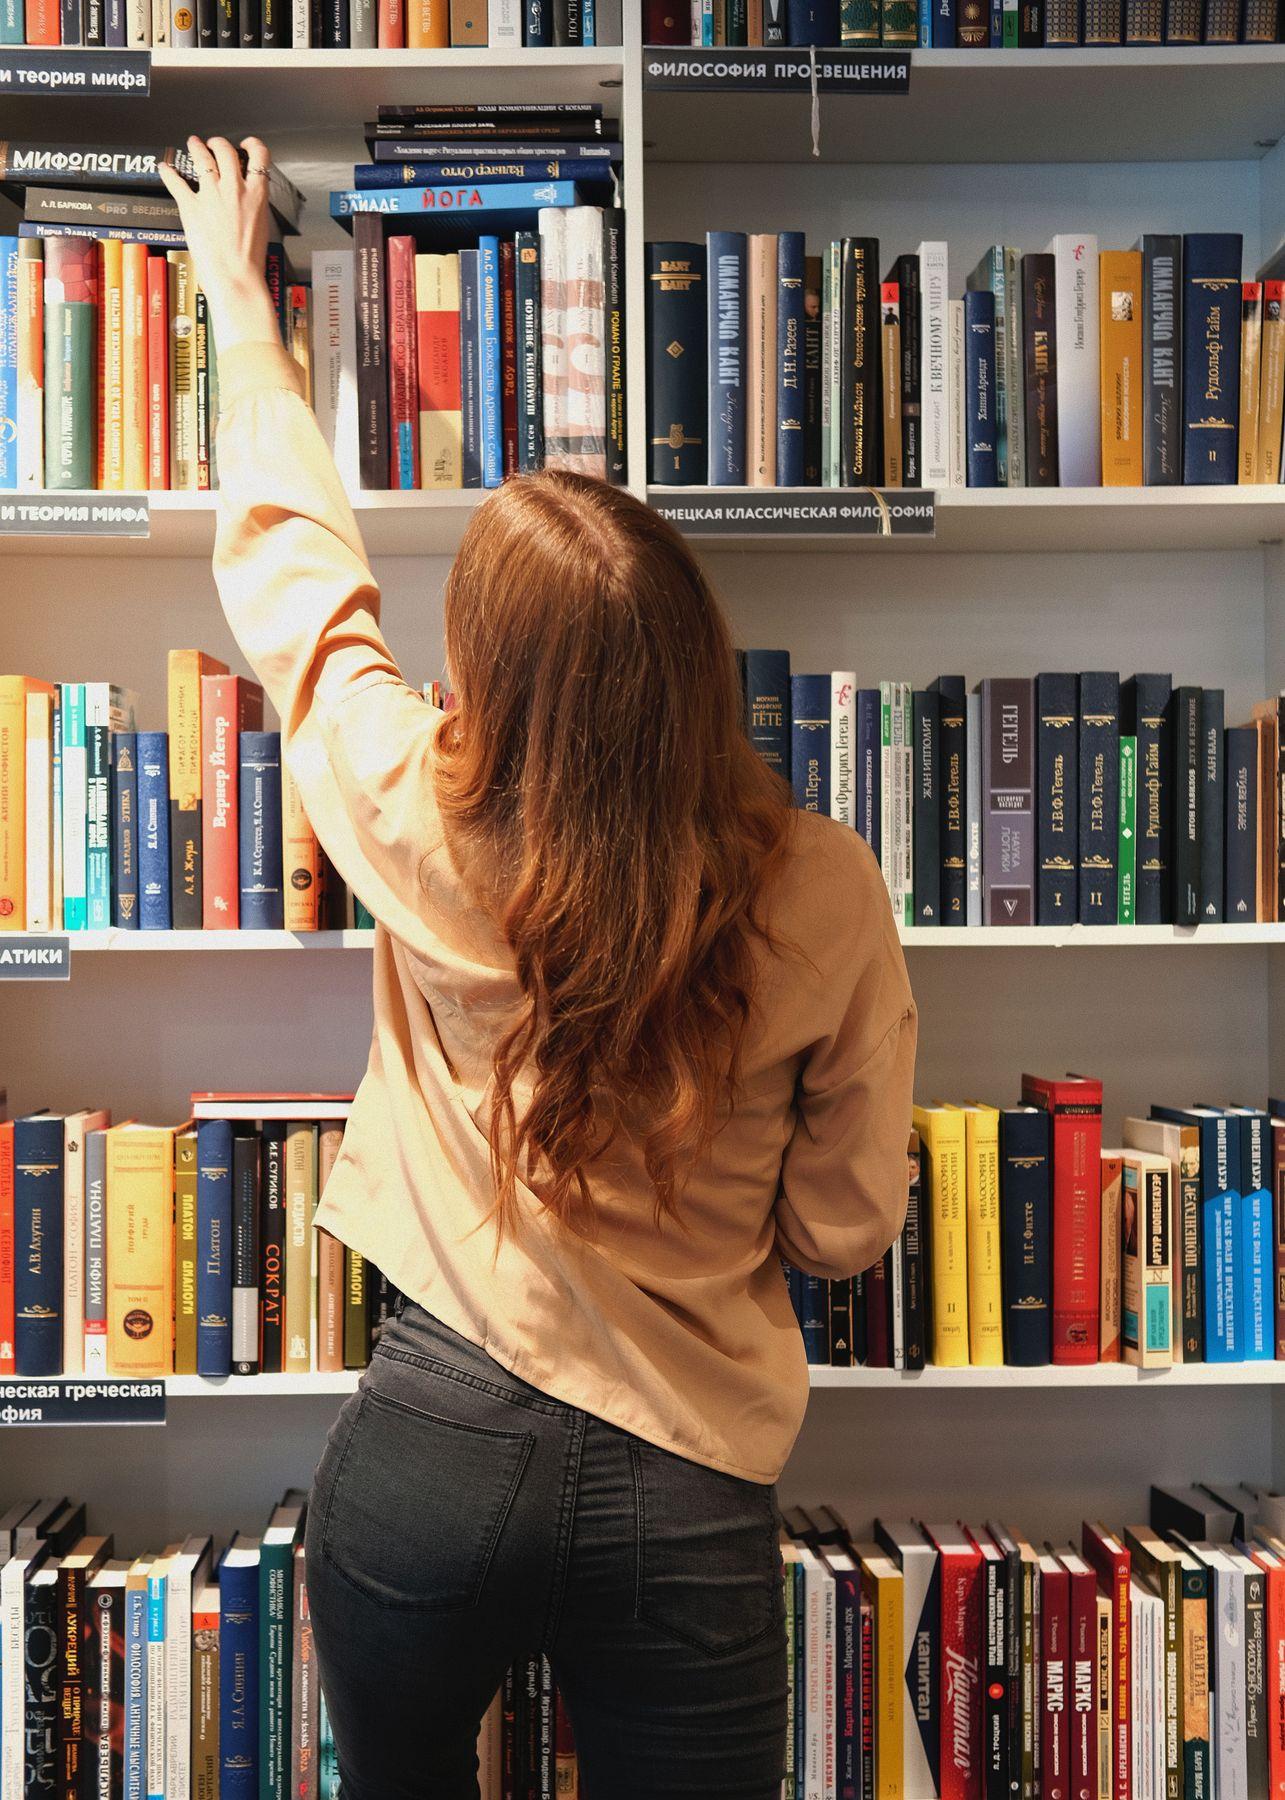 Пиотровский Портрет книги книжный магазин библиотека